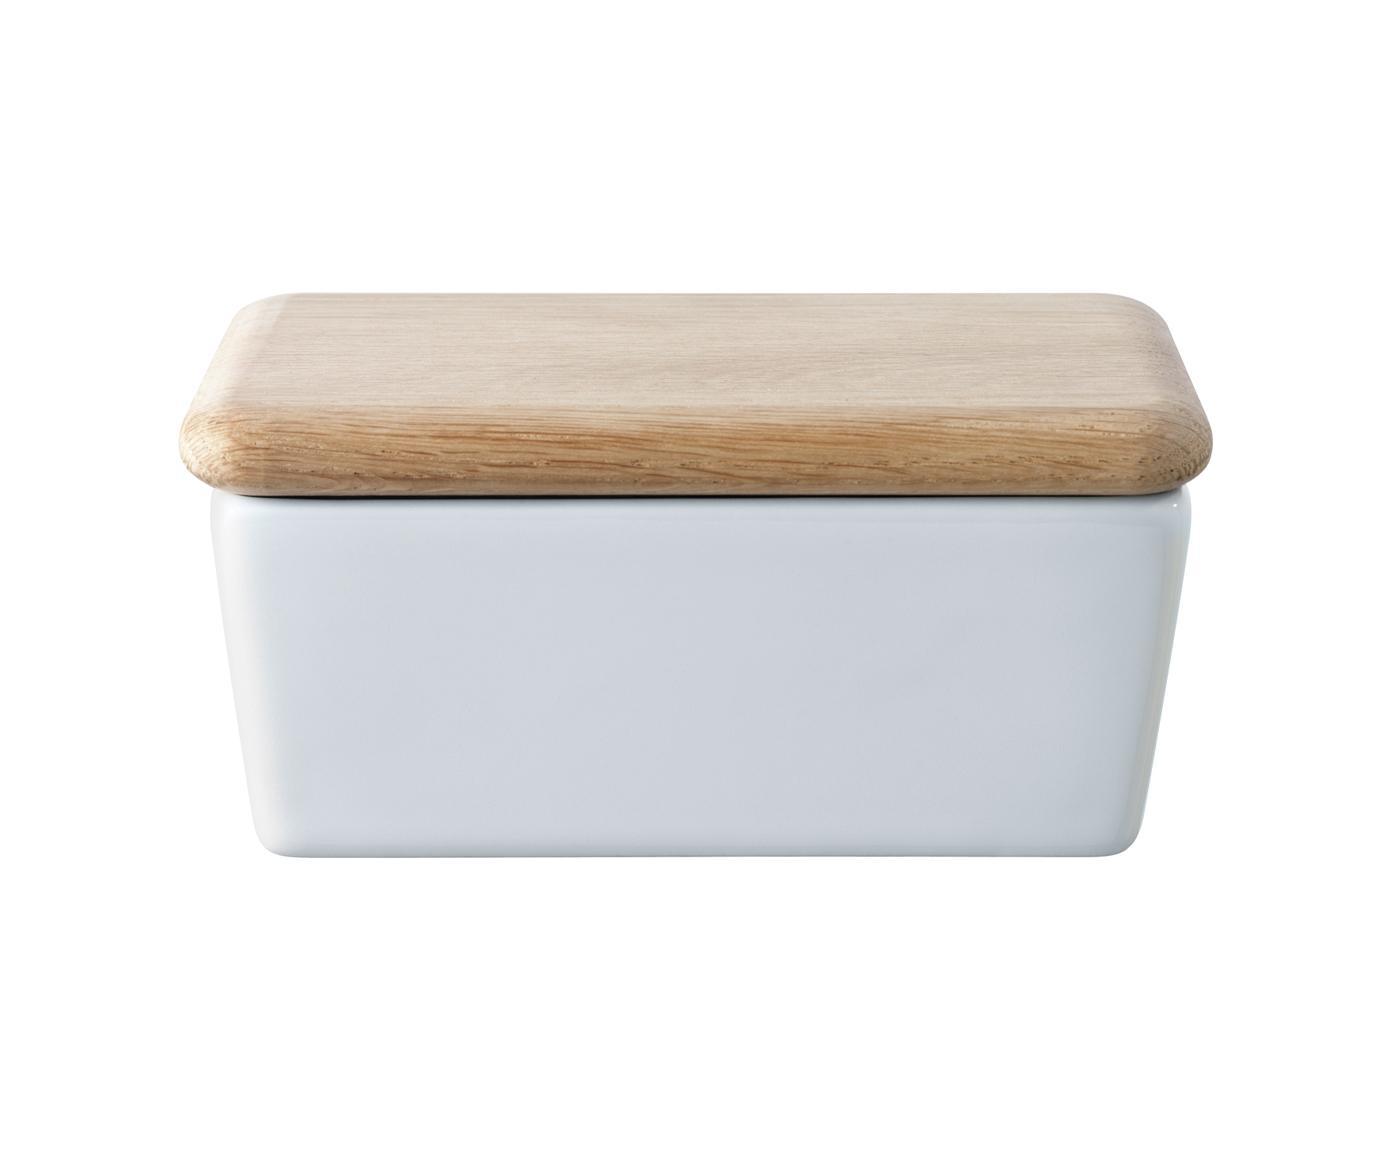 Botervlootje Dine, Deksel: eikenhout, Wit, eikenhoutkleurig, 14 x 7 cm